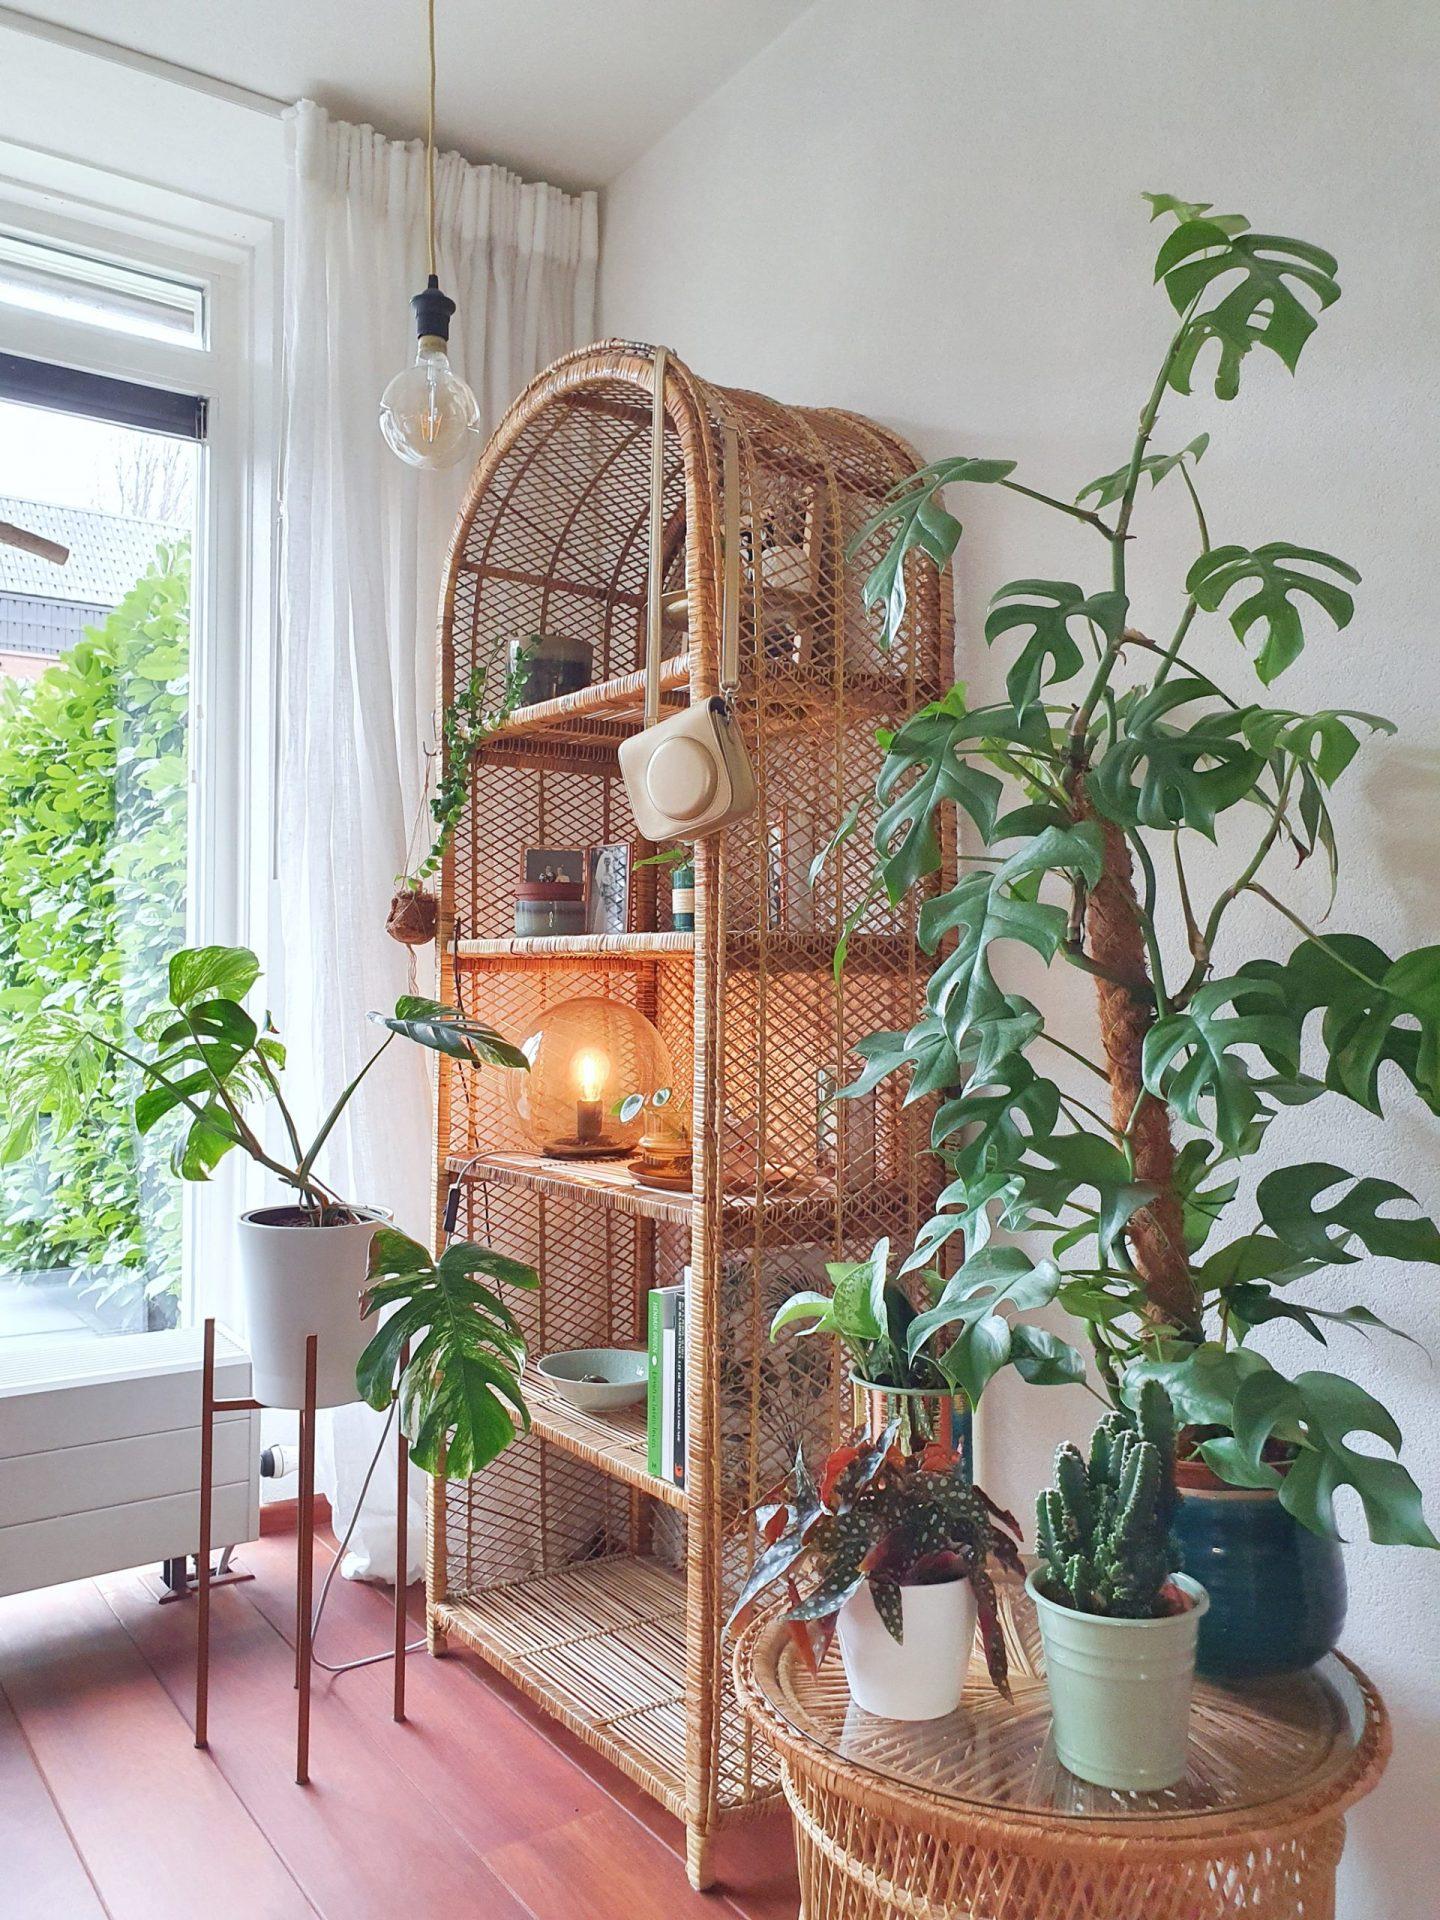 kringloopgelukjes dr.house_bykylie keeelly91blog marktplaats interieurview interview woonkamer bohemian rotan kast planten